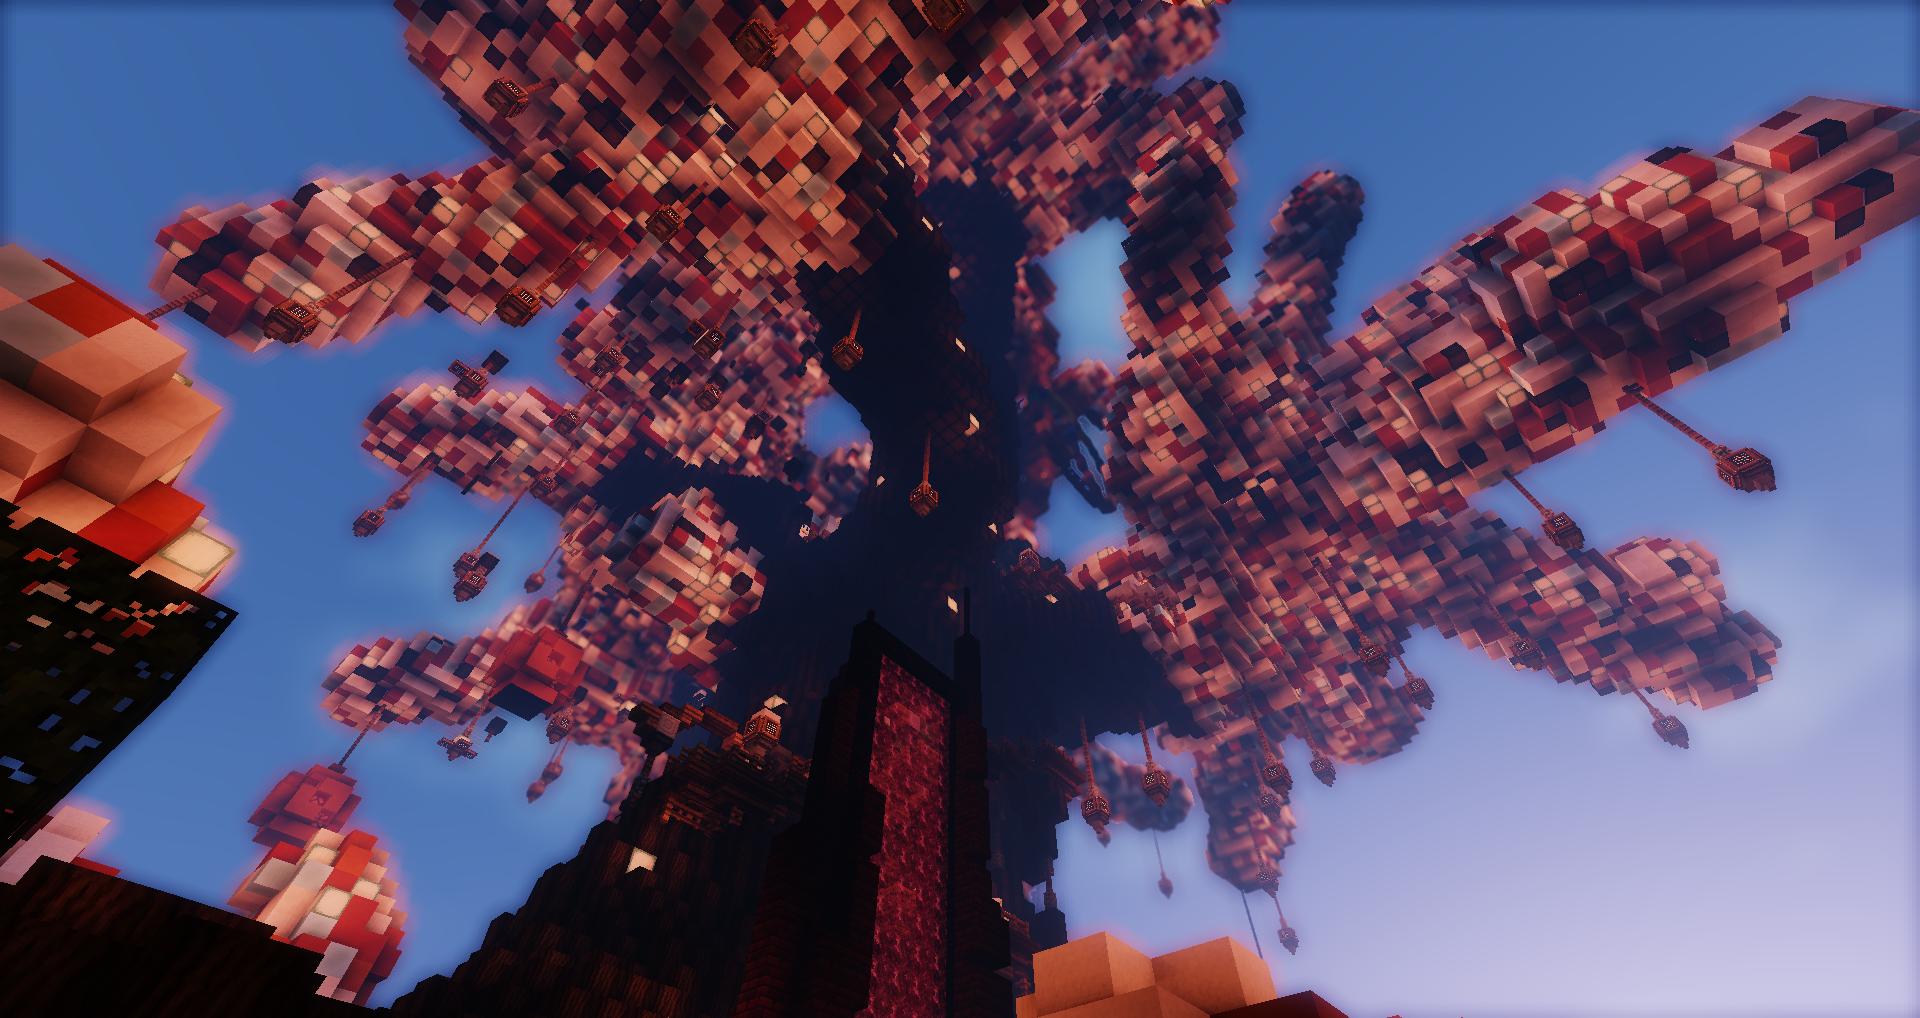 Votre roi ce sens petit à côté de cet arbre maison :/.